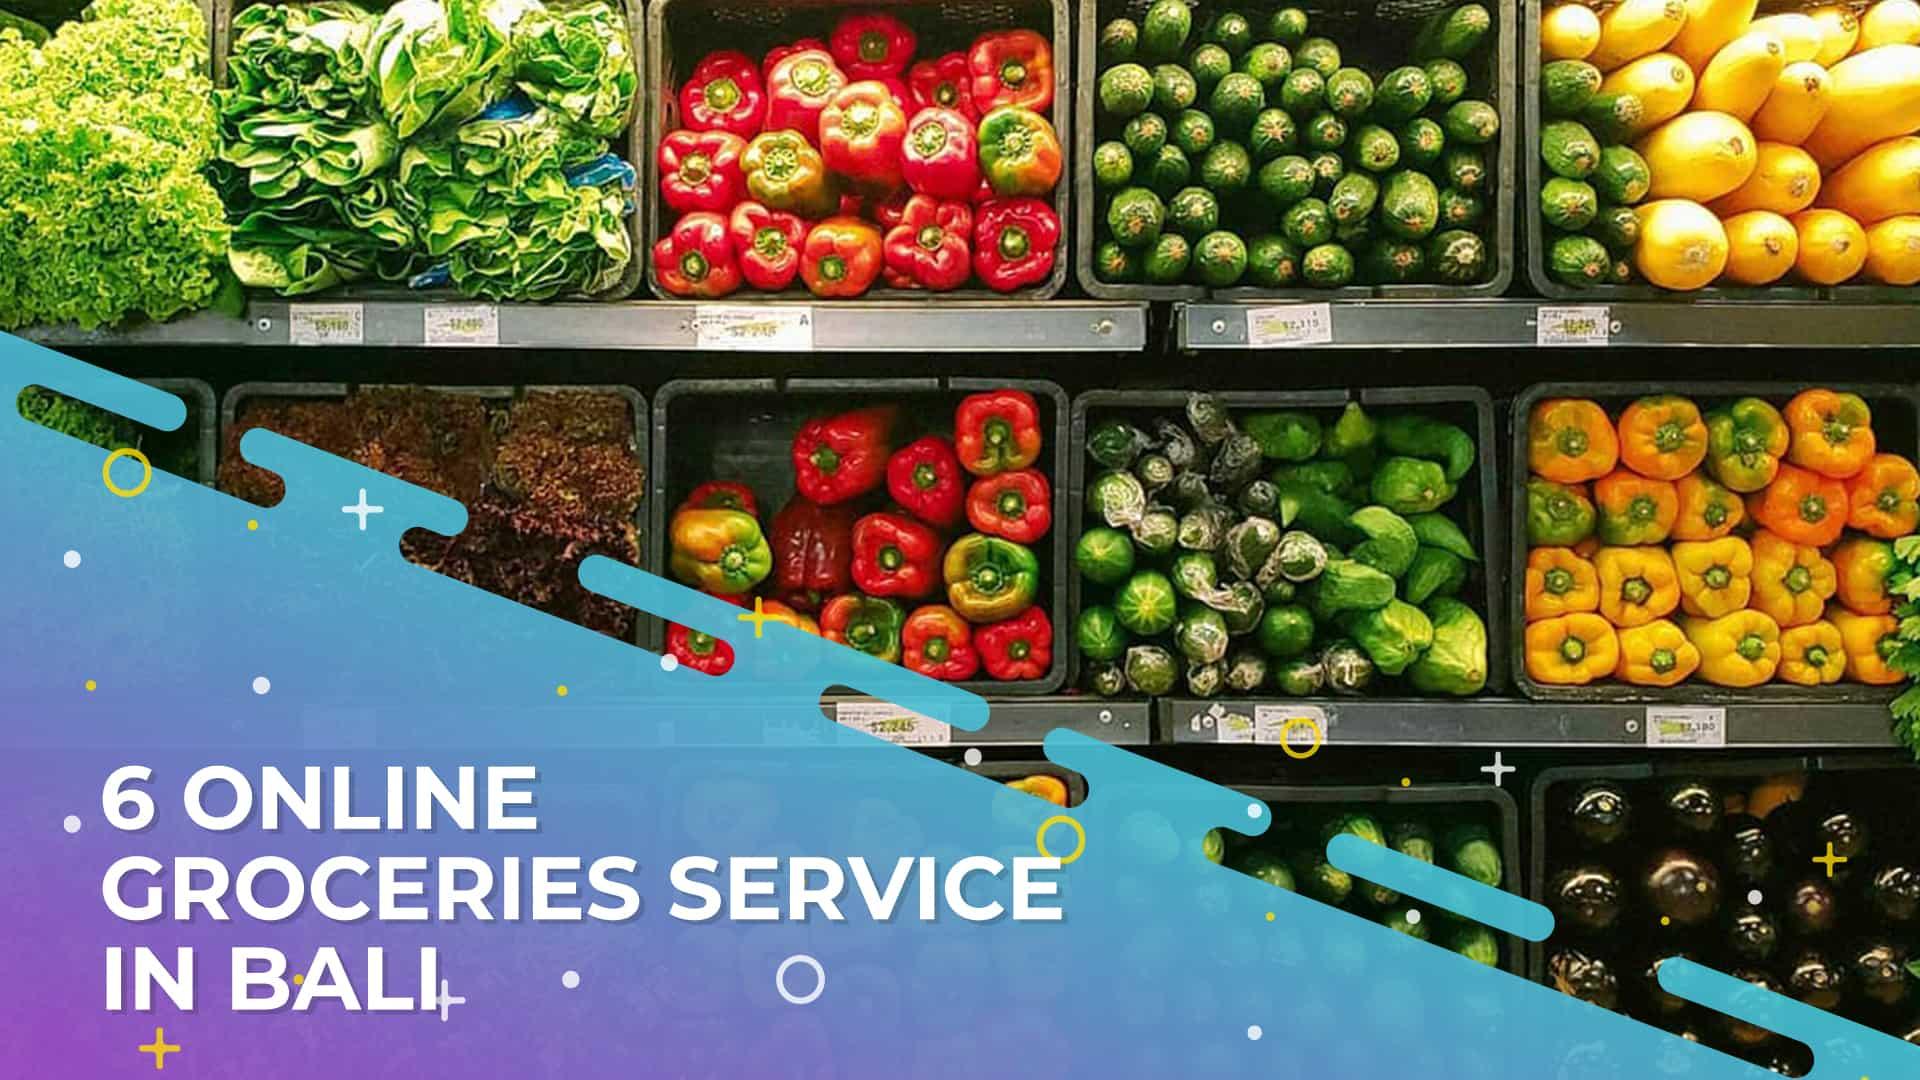 online groceries bali